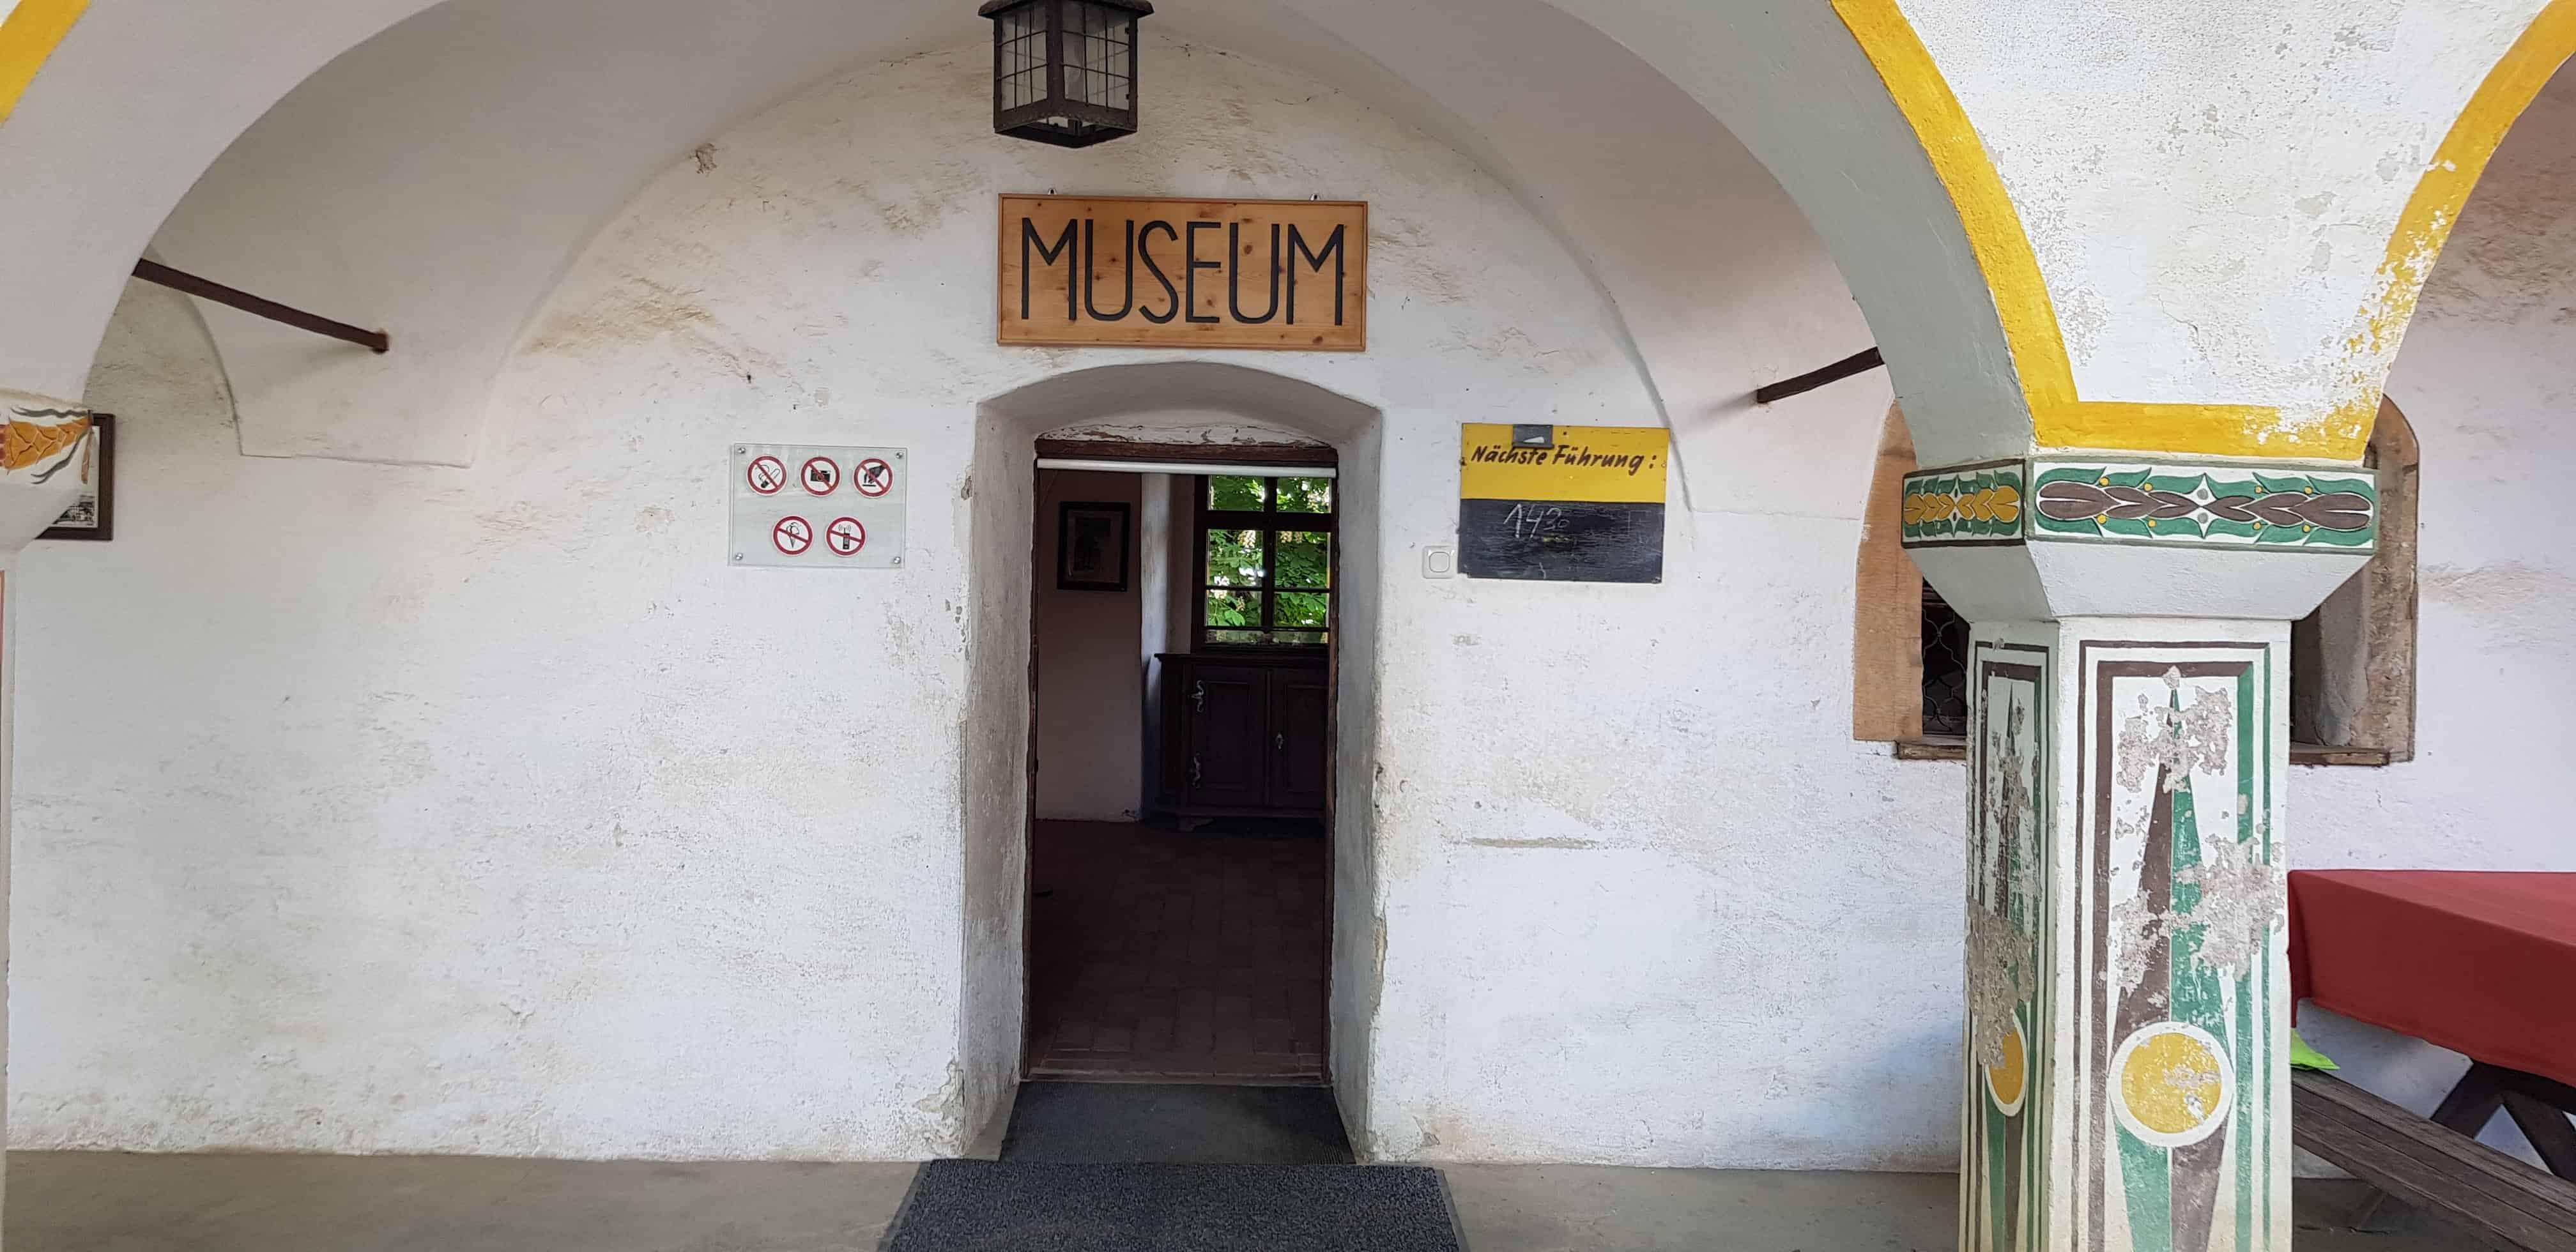 Schlechtwettertauliche Ausflugsziele in Kärnten - Museum Burg Hochosterwitz, täglich Führungen